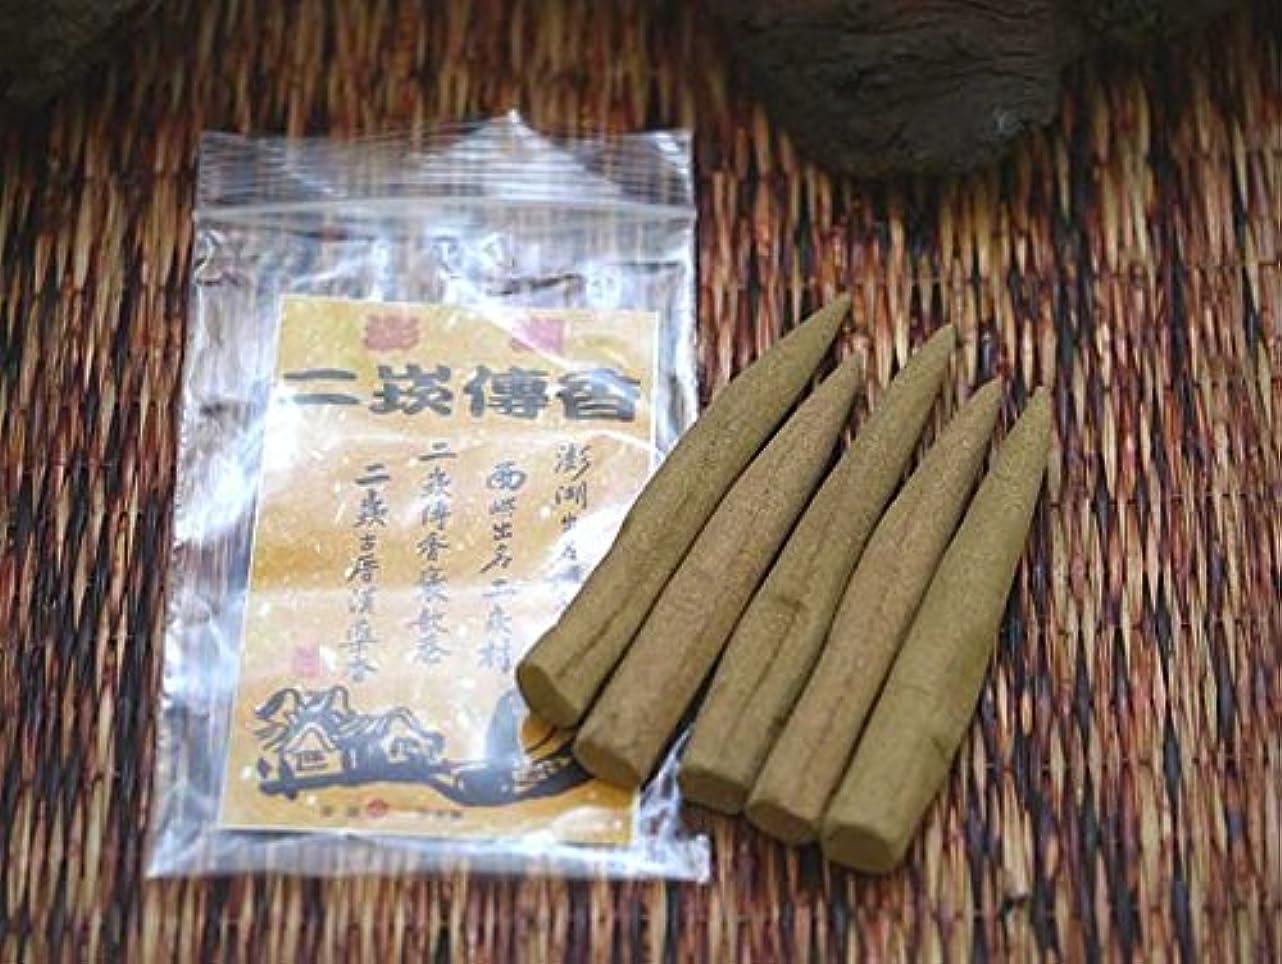 虐殺キノコこのニガンハクコウ 【二 傳香(小)】台湾は澎湖島でのみ作られている伝統的な魔除香